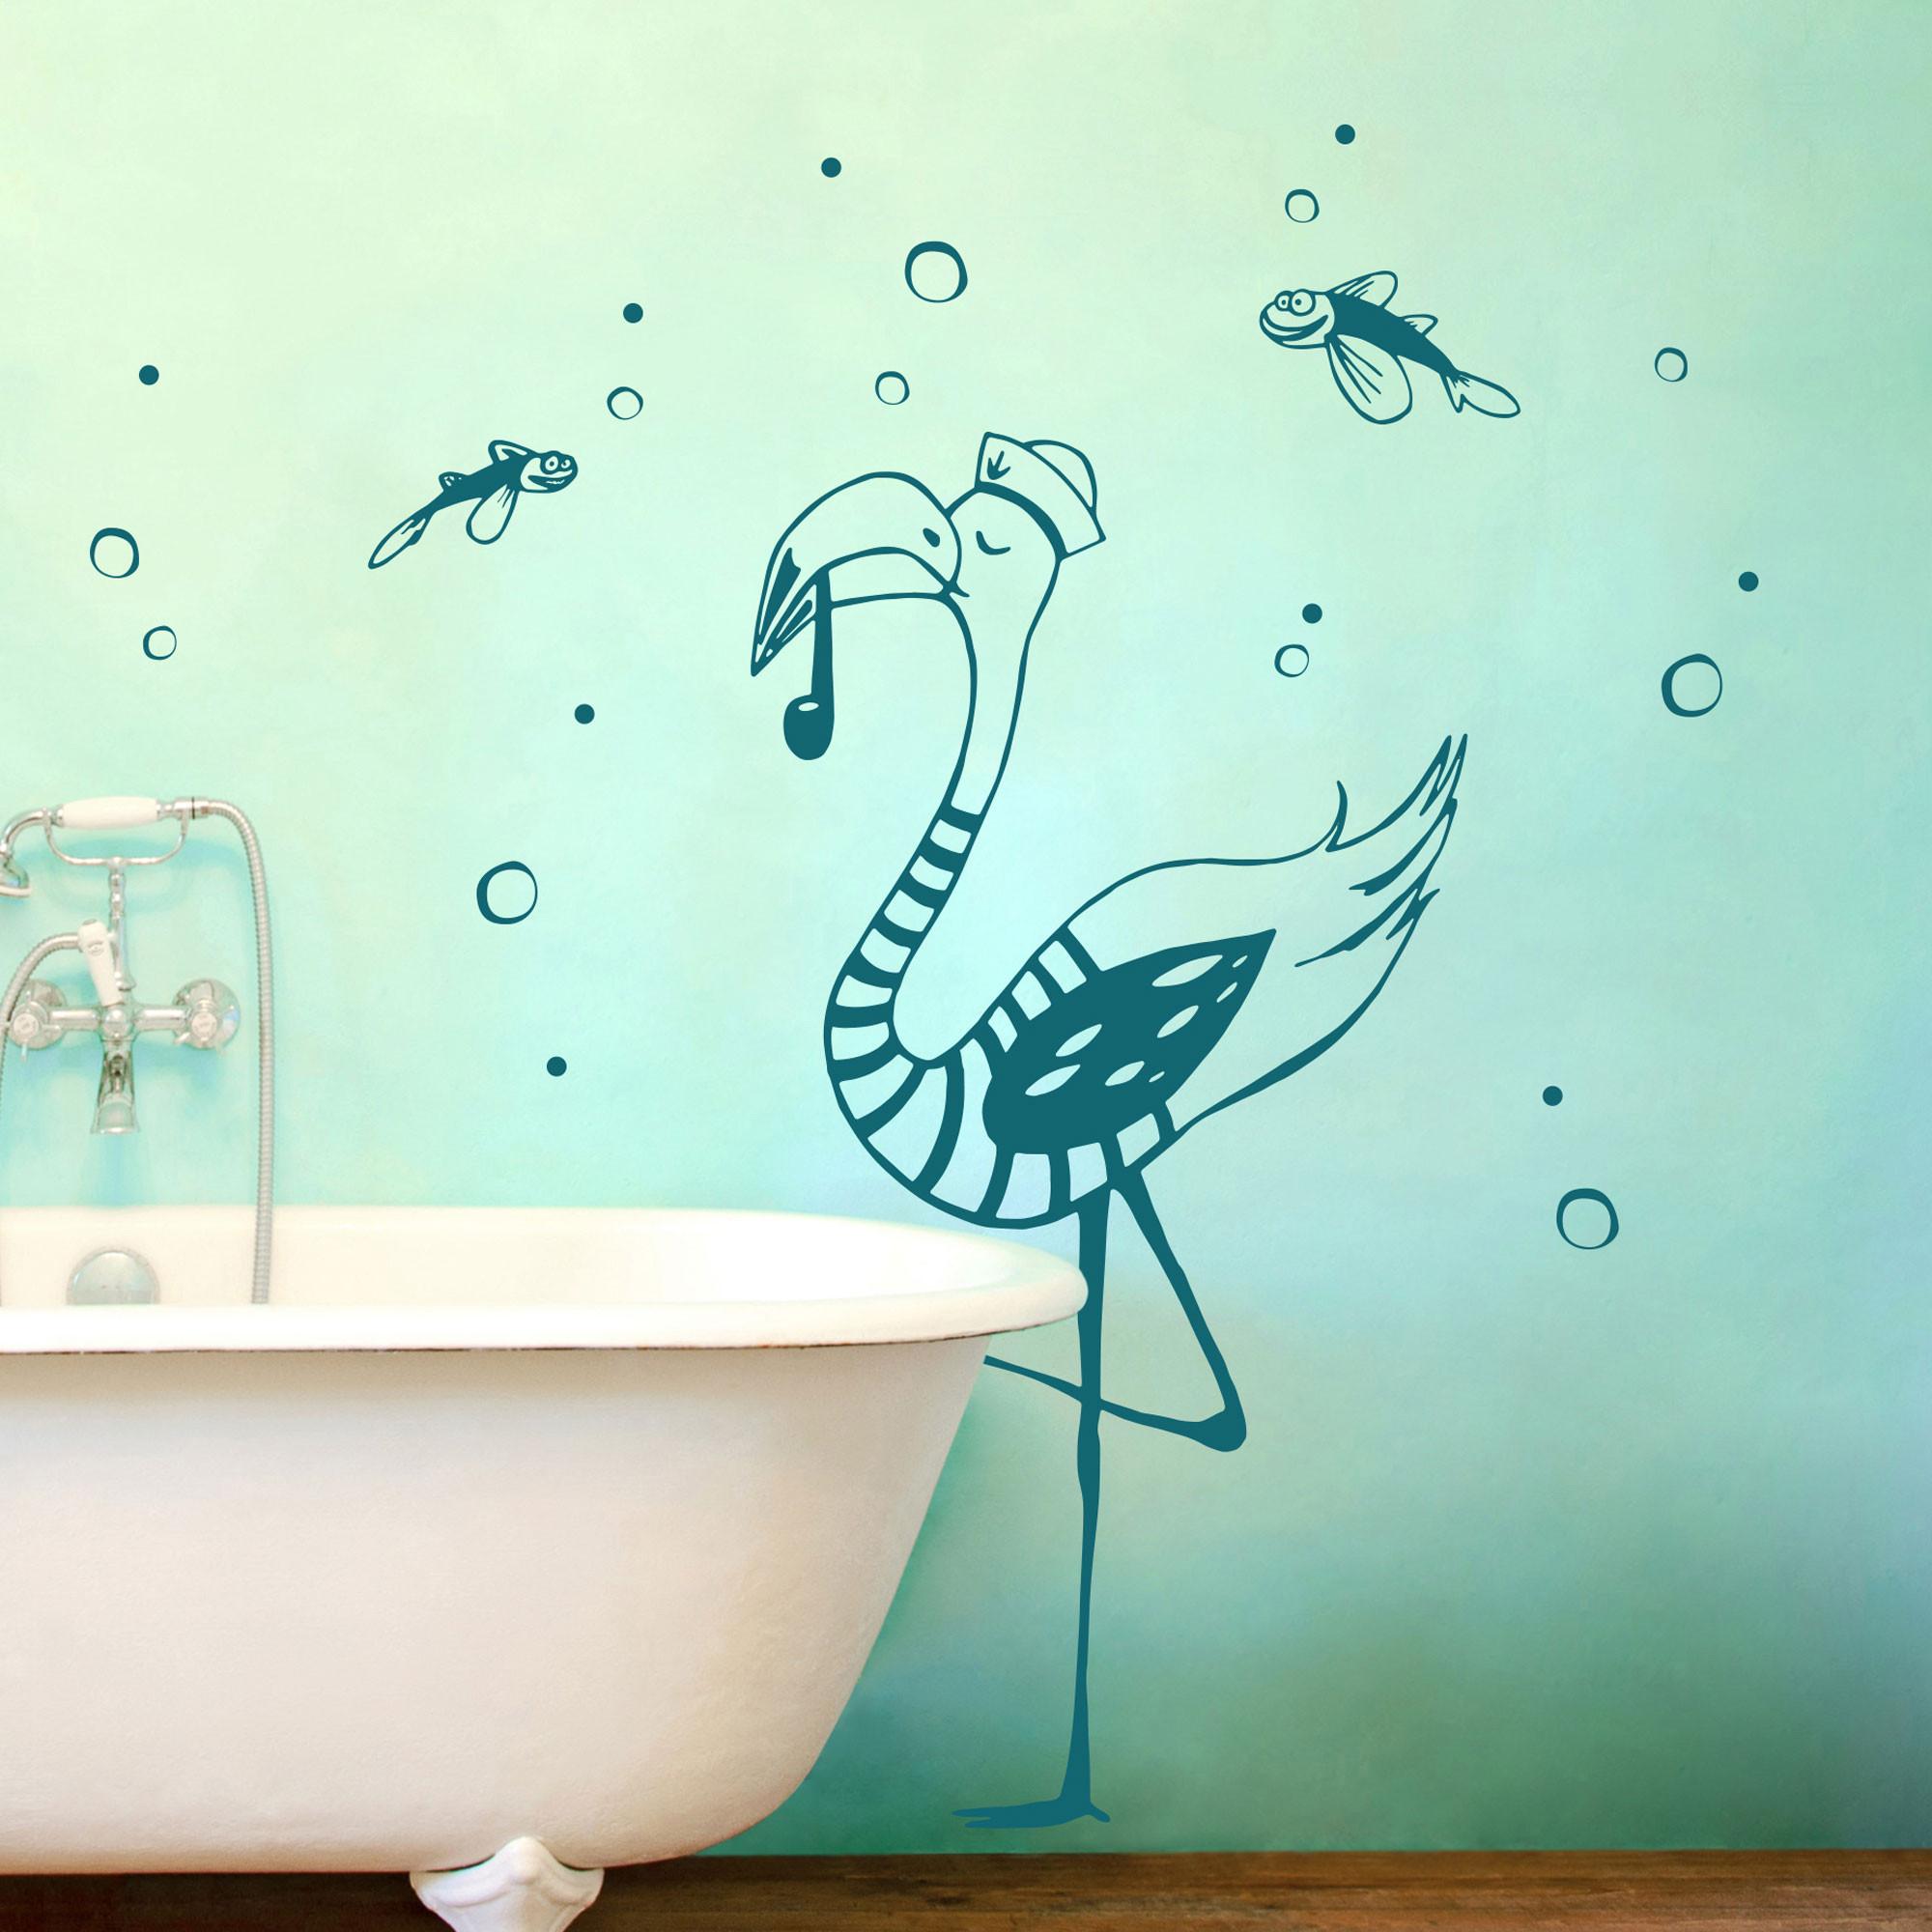 Wandtattoo kapit n flamingo mit seifenblasen und - Flamingo wandtattoo ...